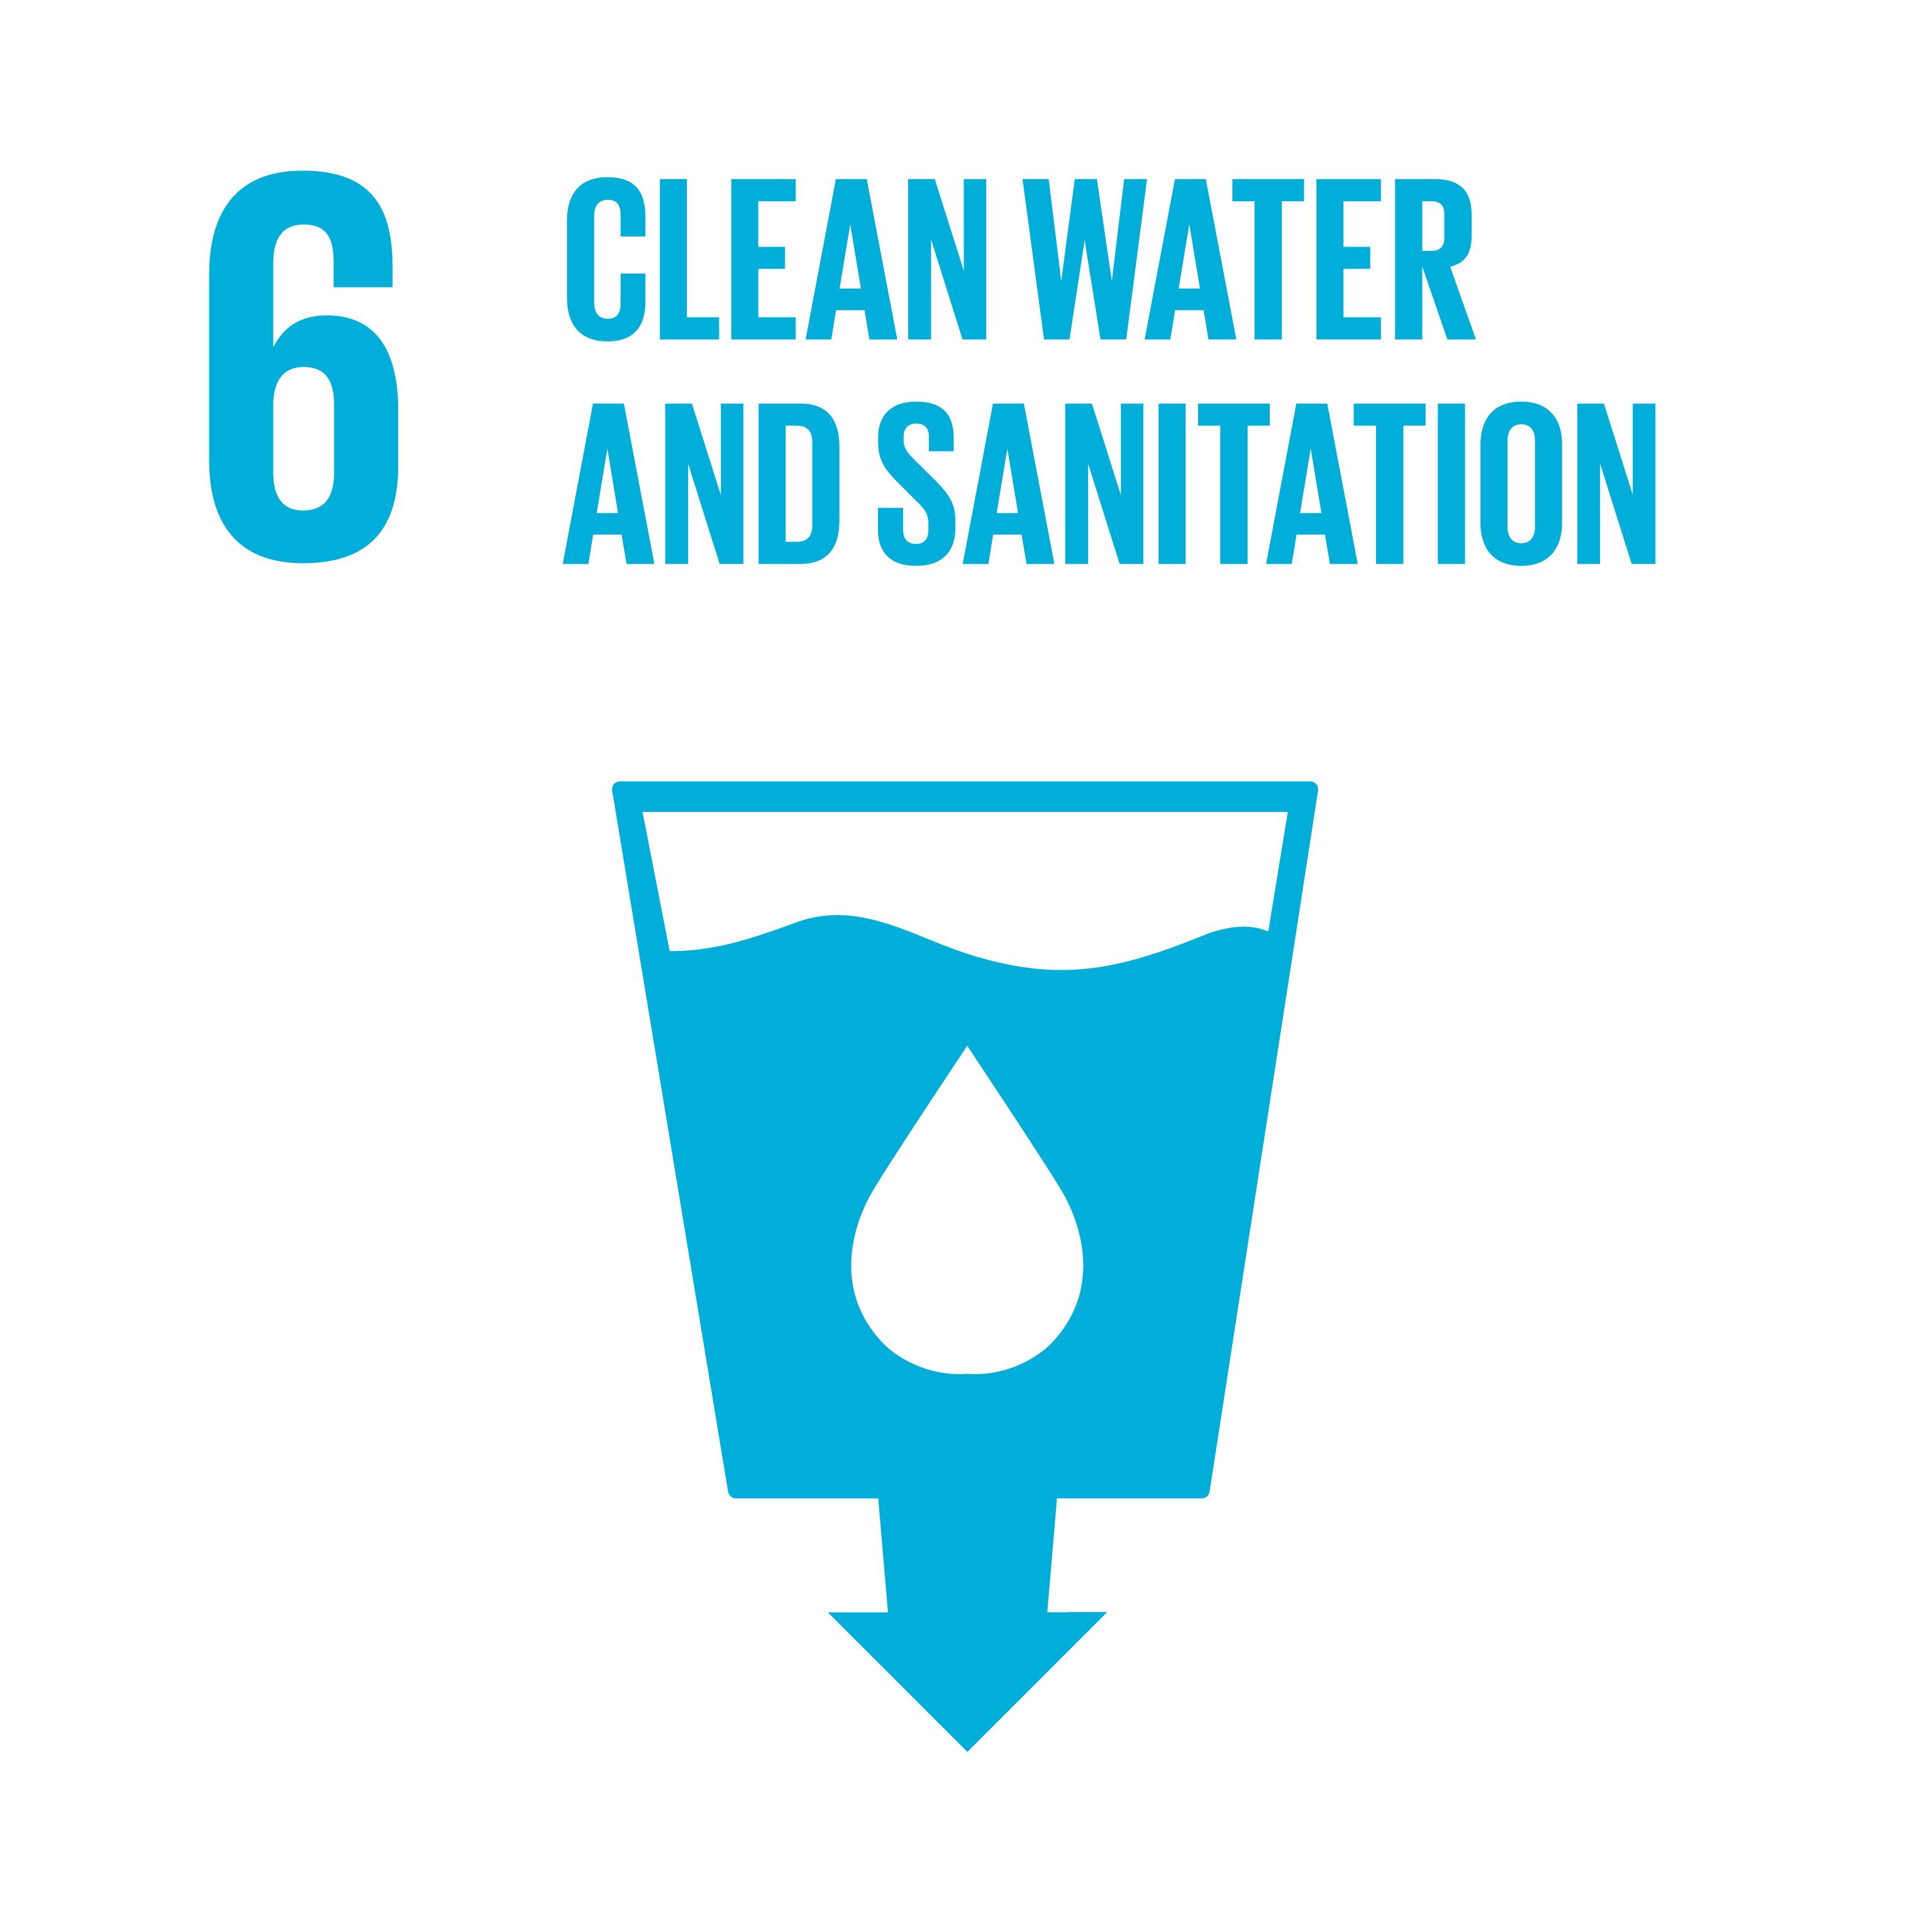 Image SDG 6; © UN